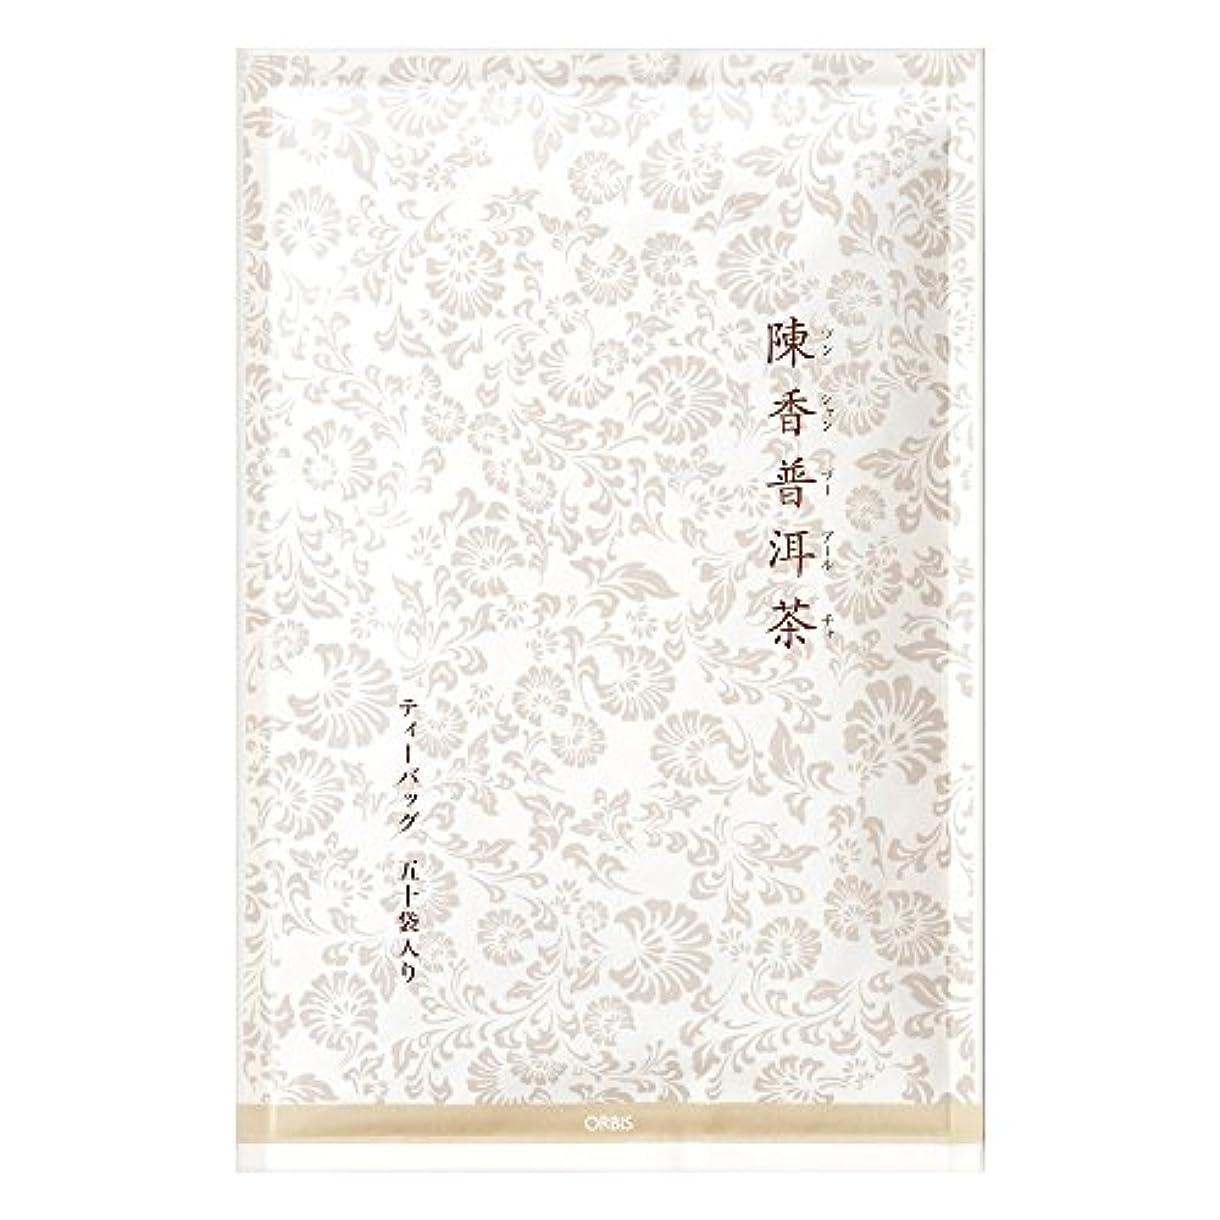 くびれたそれぞれヒップオルビス(ORBIS) 陳香プーアール茶 ティーバッグ 徳用 2g×50袋 ◎ダイエット茶◎ 0kcal